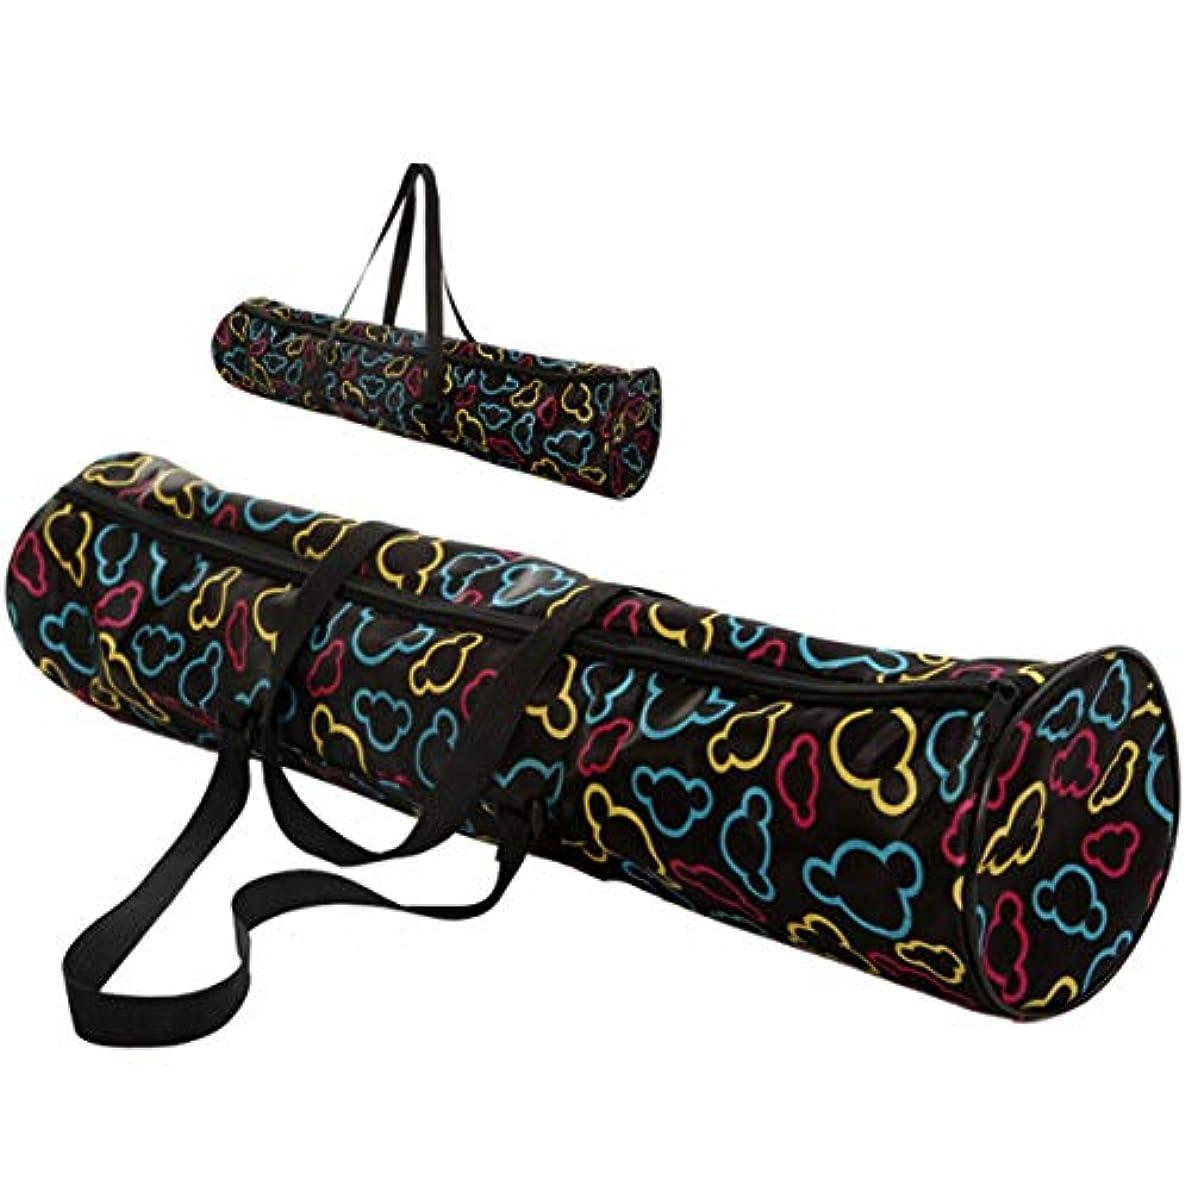 四分円従来の販売員Intercorey多機能防水ヨガマットキャリーバックパックアウトドアスポーツバッグポーチファッションヨガバッグ